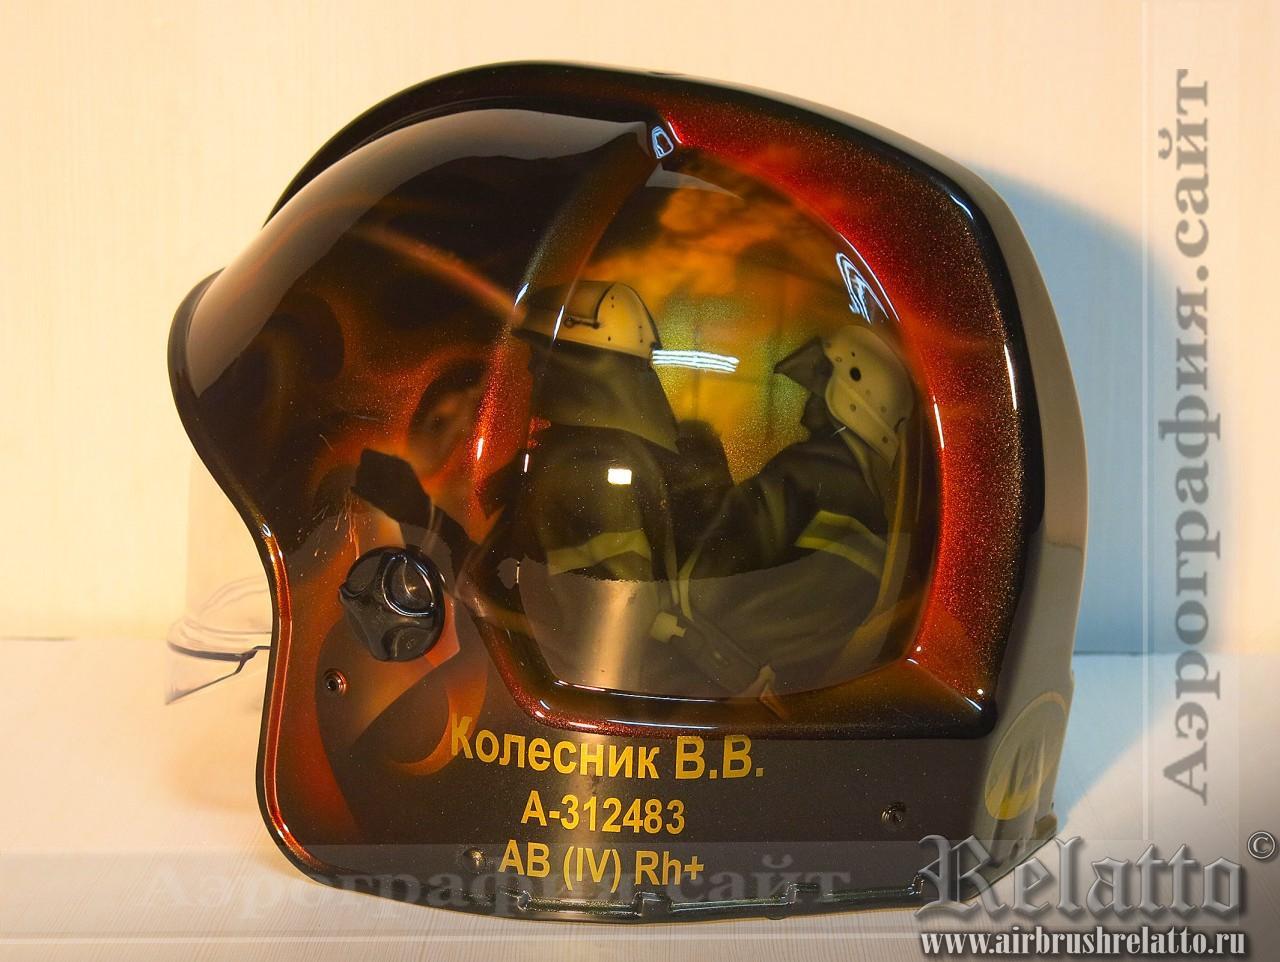 аэрография на шлеме в подарок